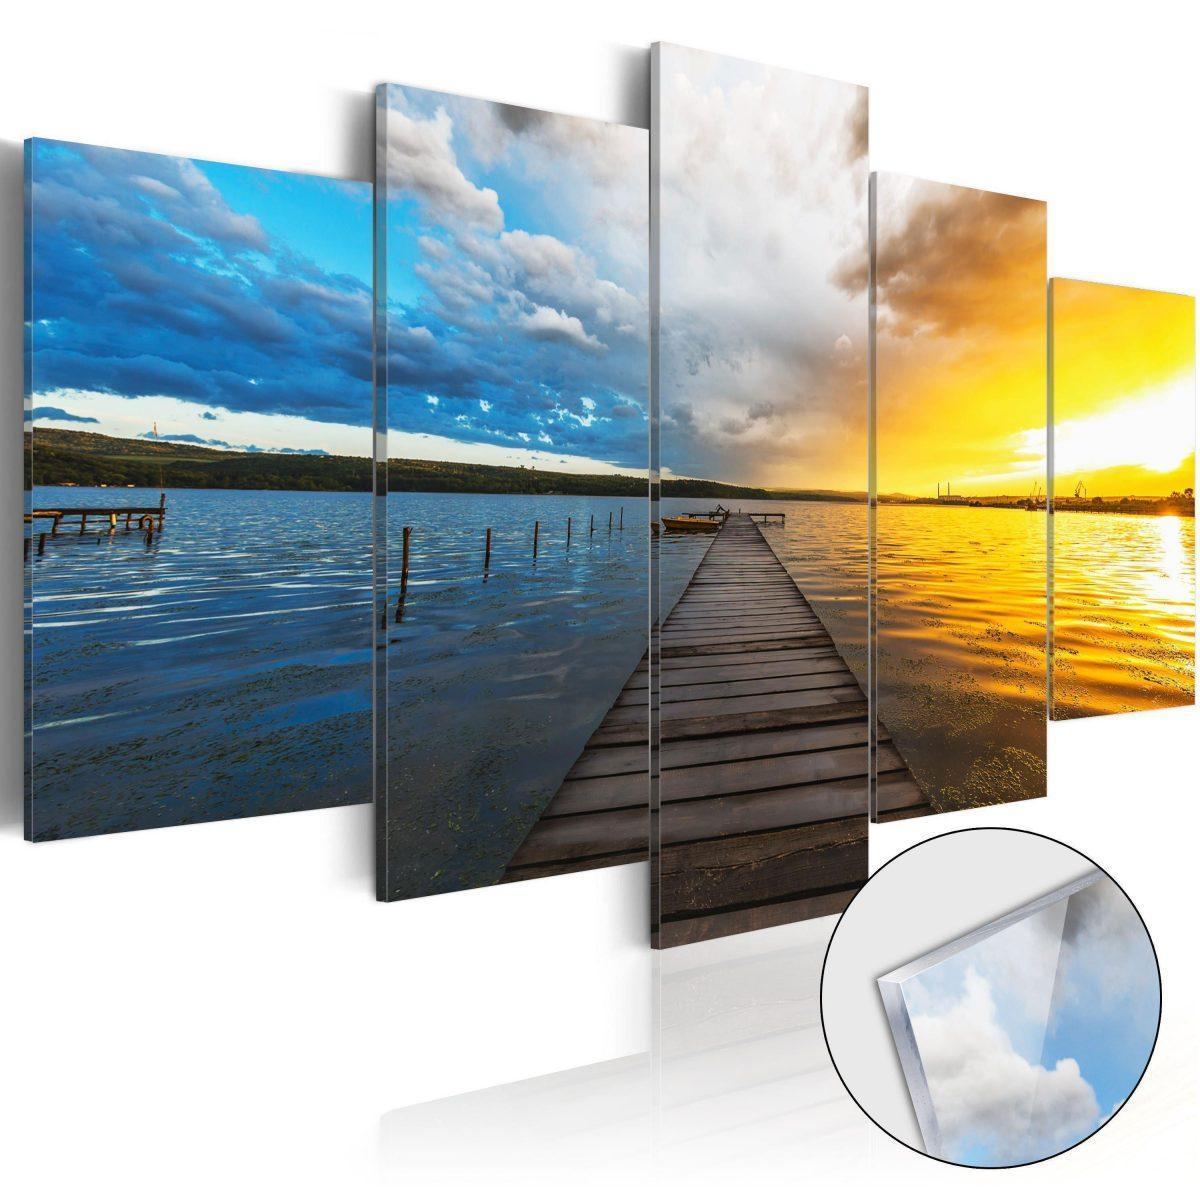 Tavla i akrylglas - Lake of Dreams - 200x100